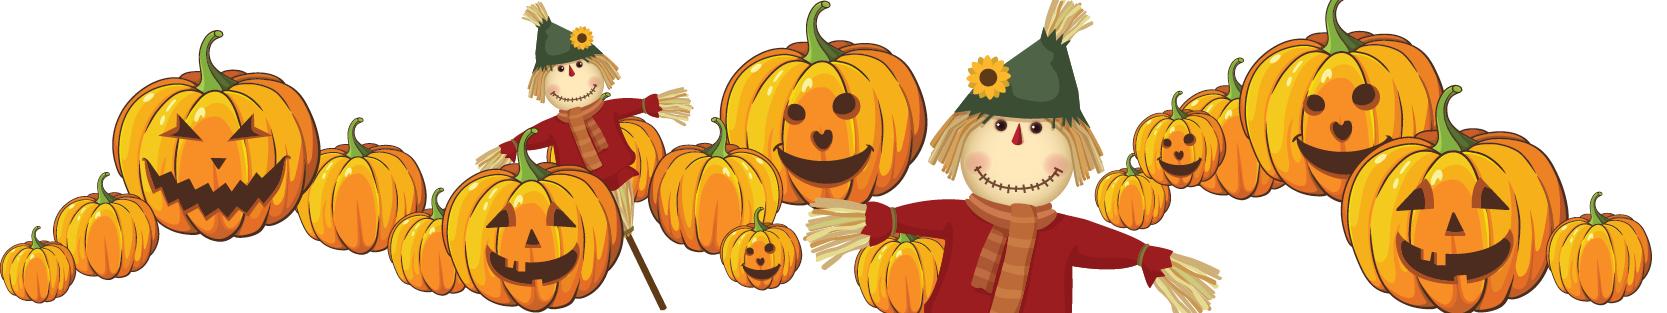 pumpkin header